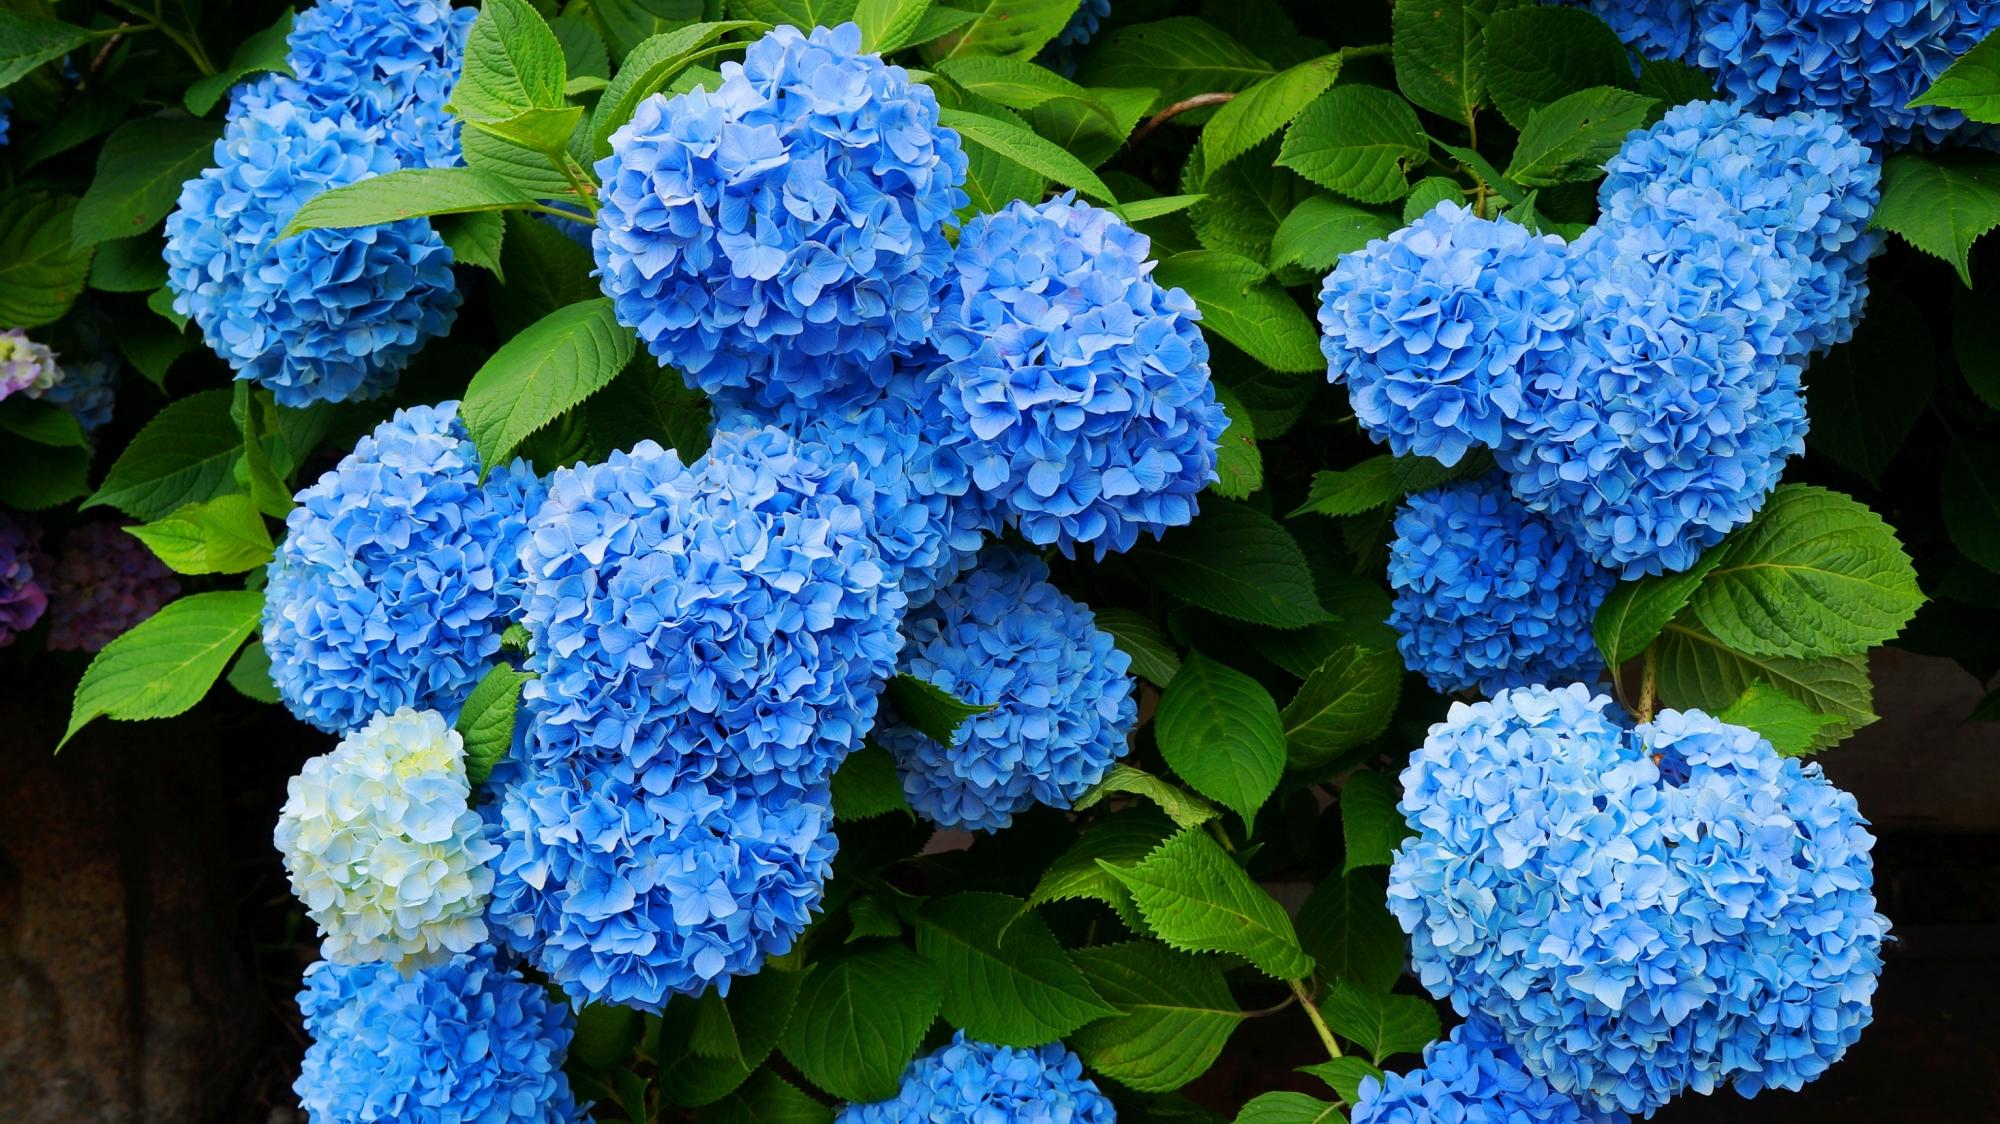 善峯寺の元気に咲き誇るブルーの紫陽花